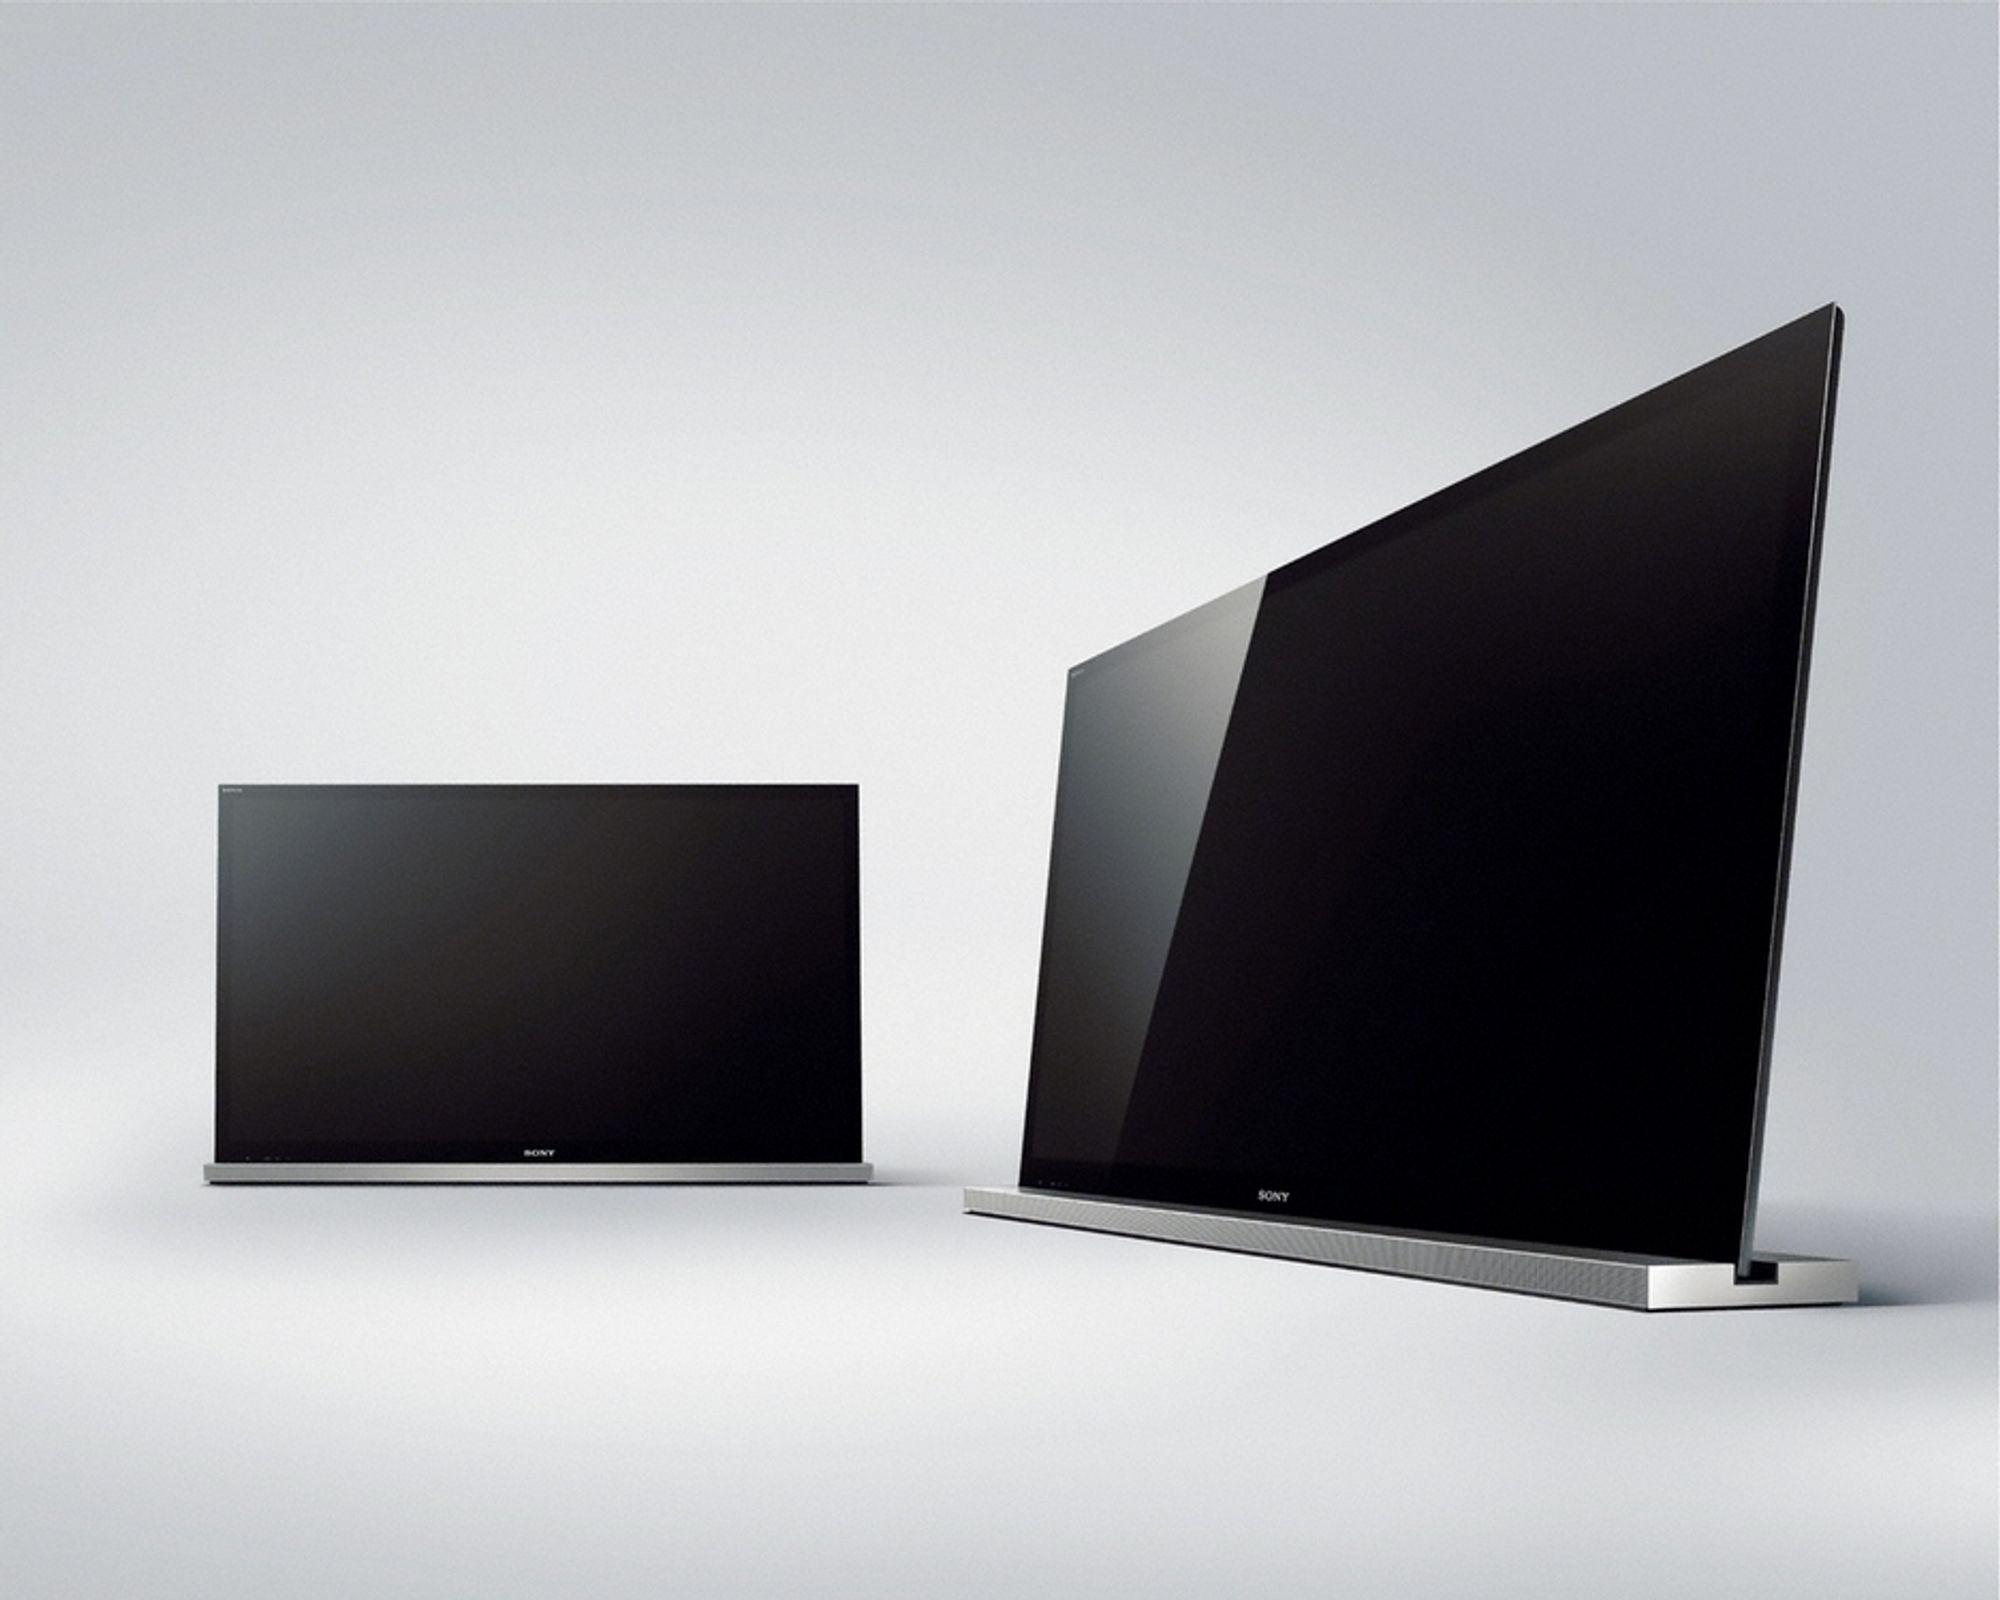 Sonys nye kant-LED-TV-er lar deg legge til 3D-støtte om du er villig til å betale for det.